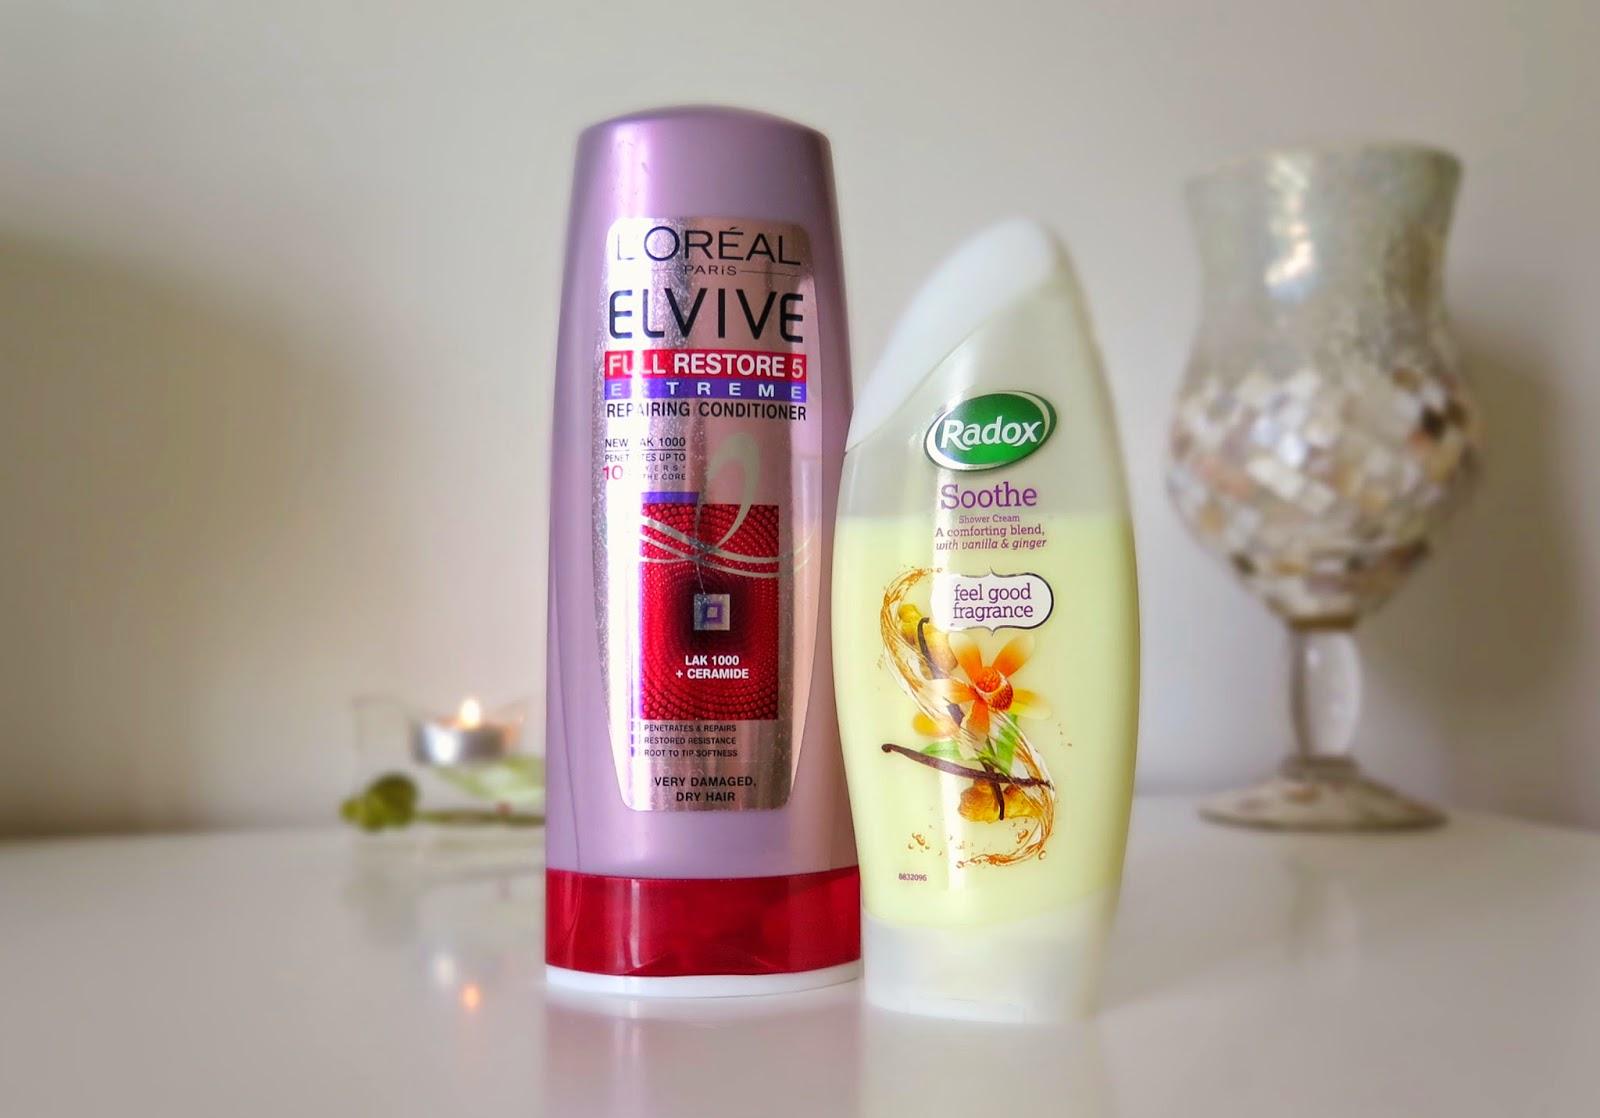 Radox soothe, Elvive full restore